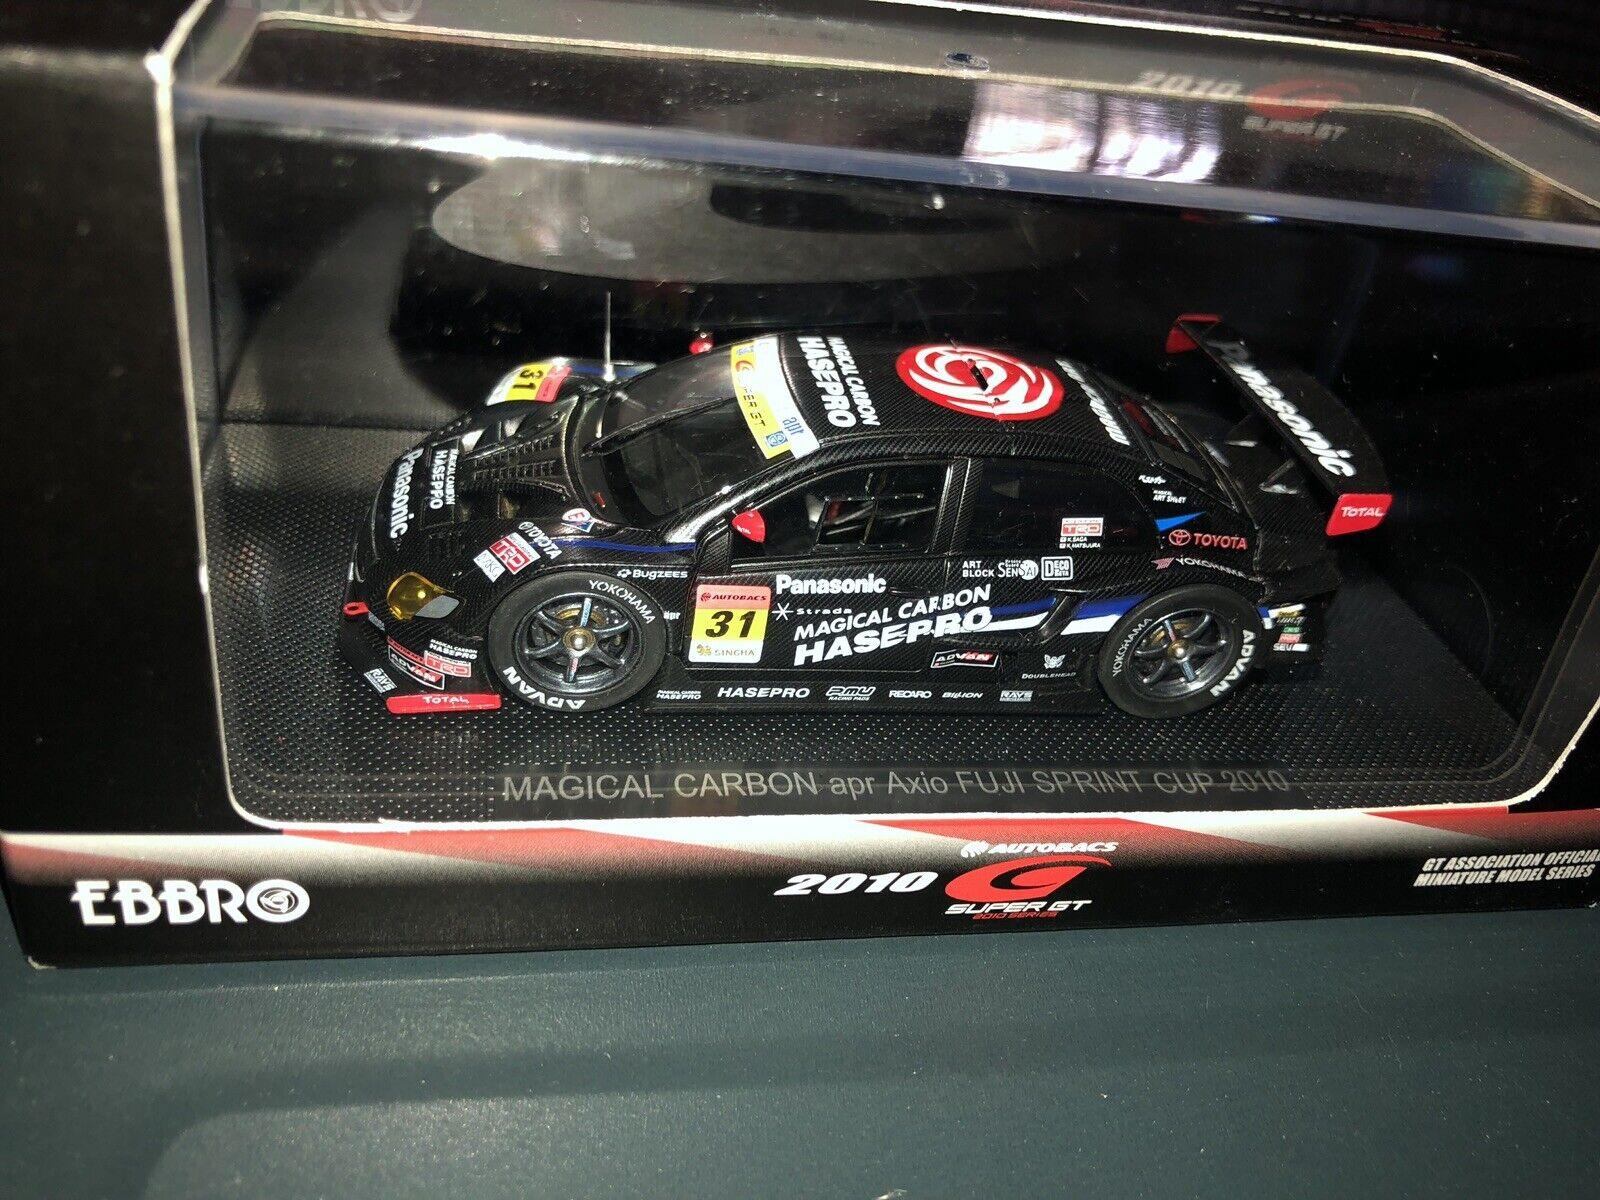 Ebbro 44434 1 43 Cochebono mágico apr Axio Fuji Sprint Cup 2010  31